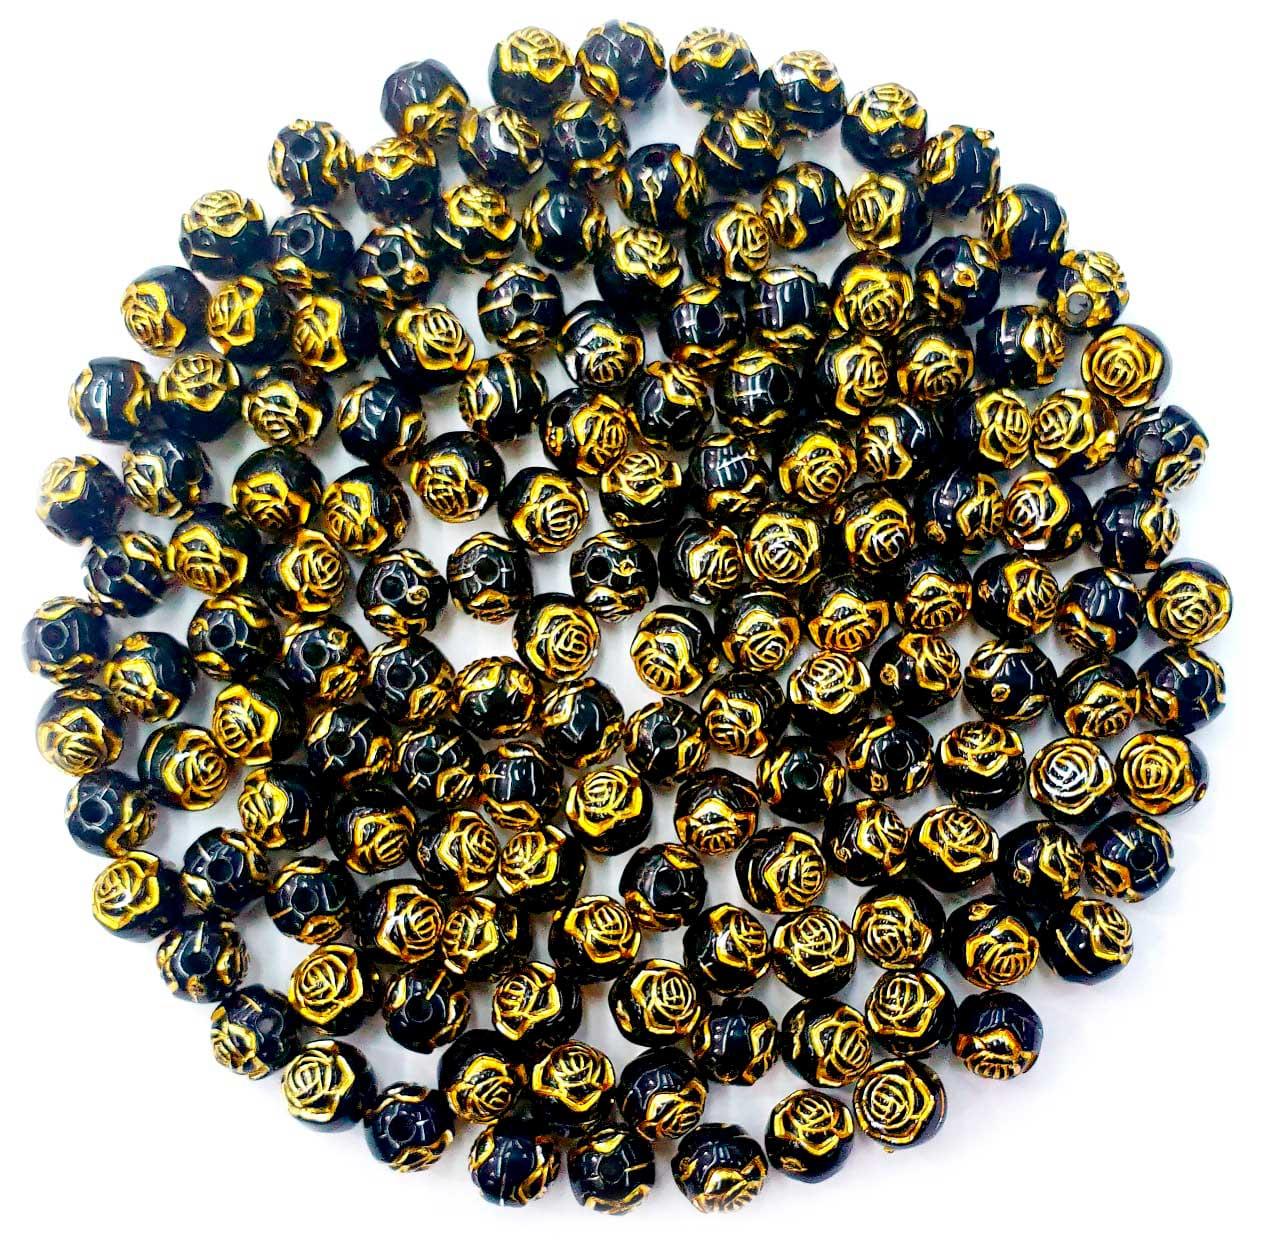 Bola com Flor Preto com Dourado 8 MM